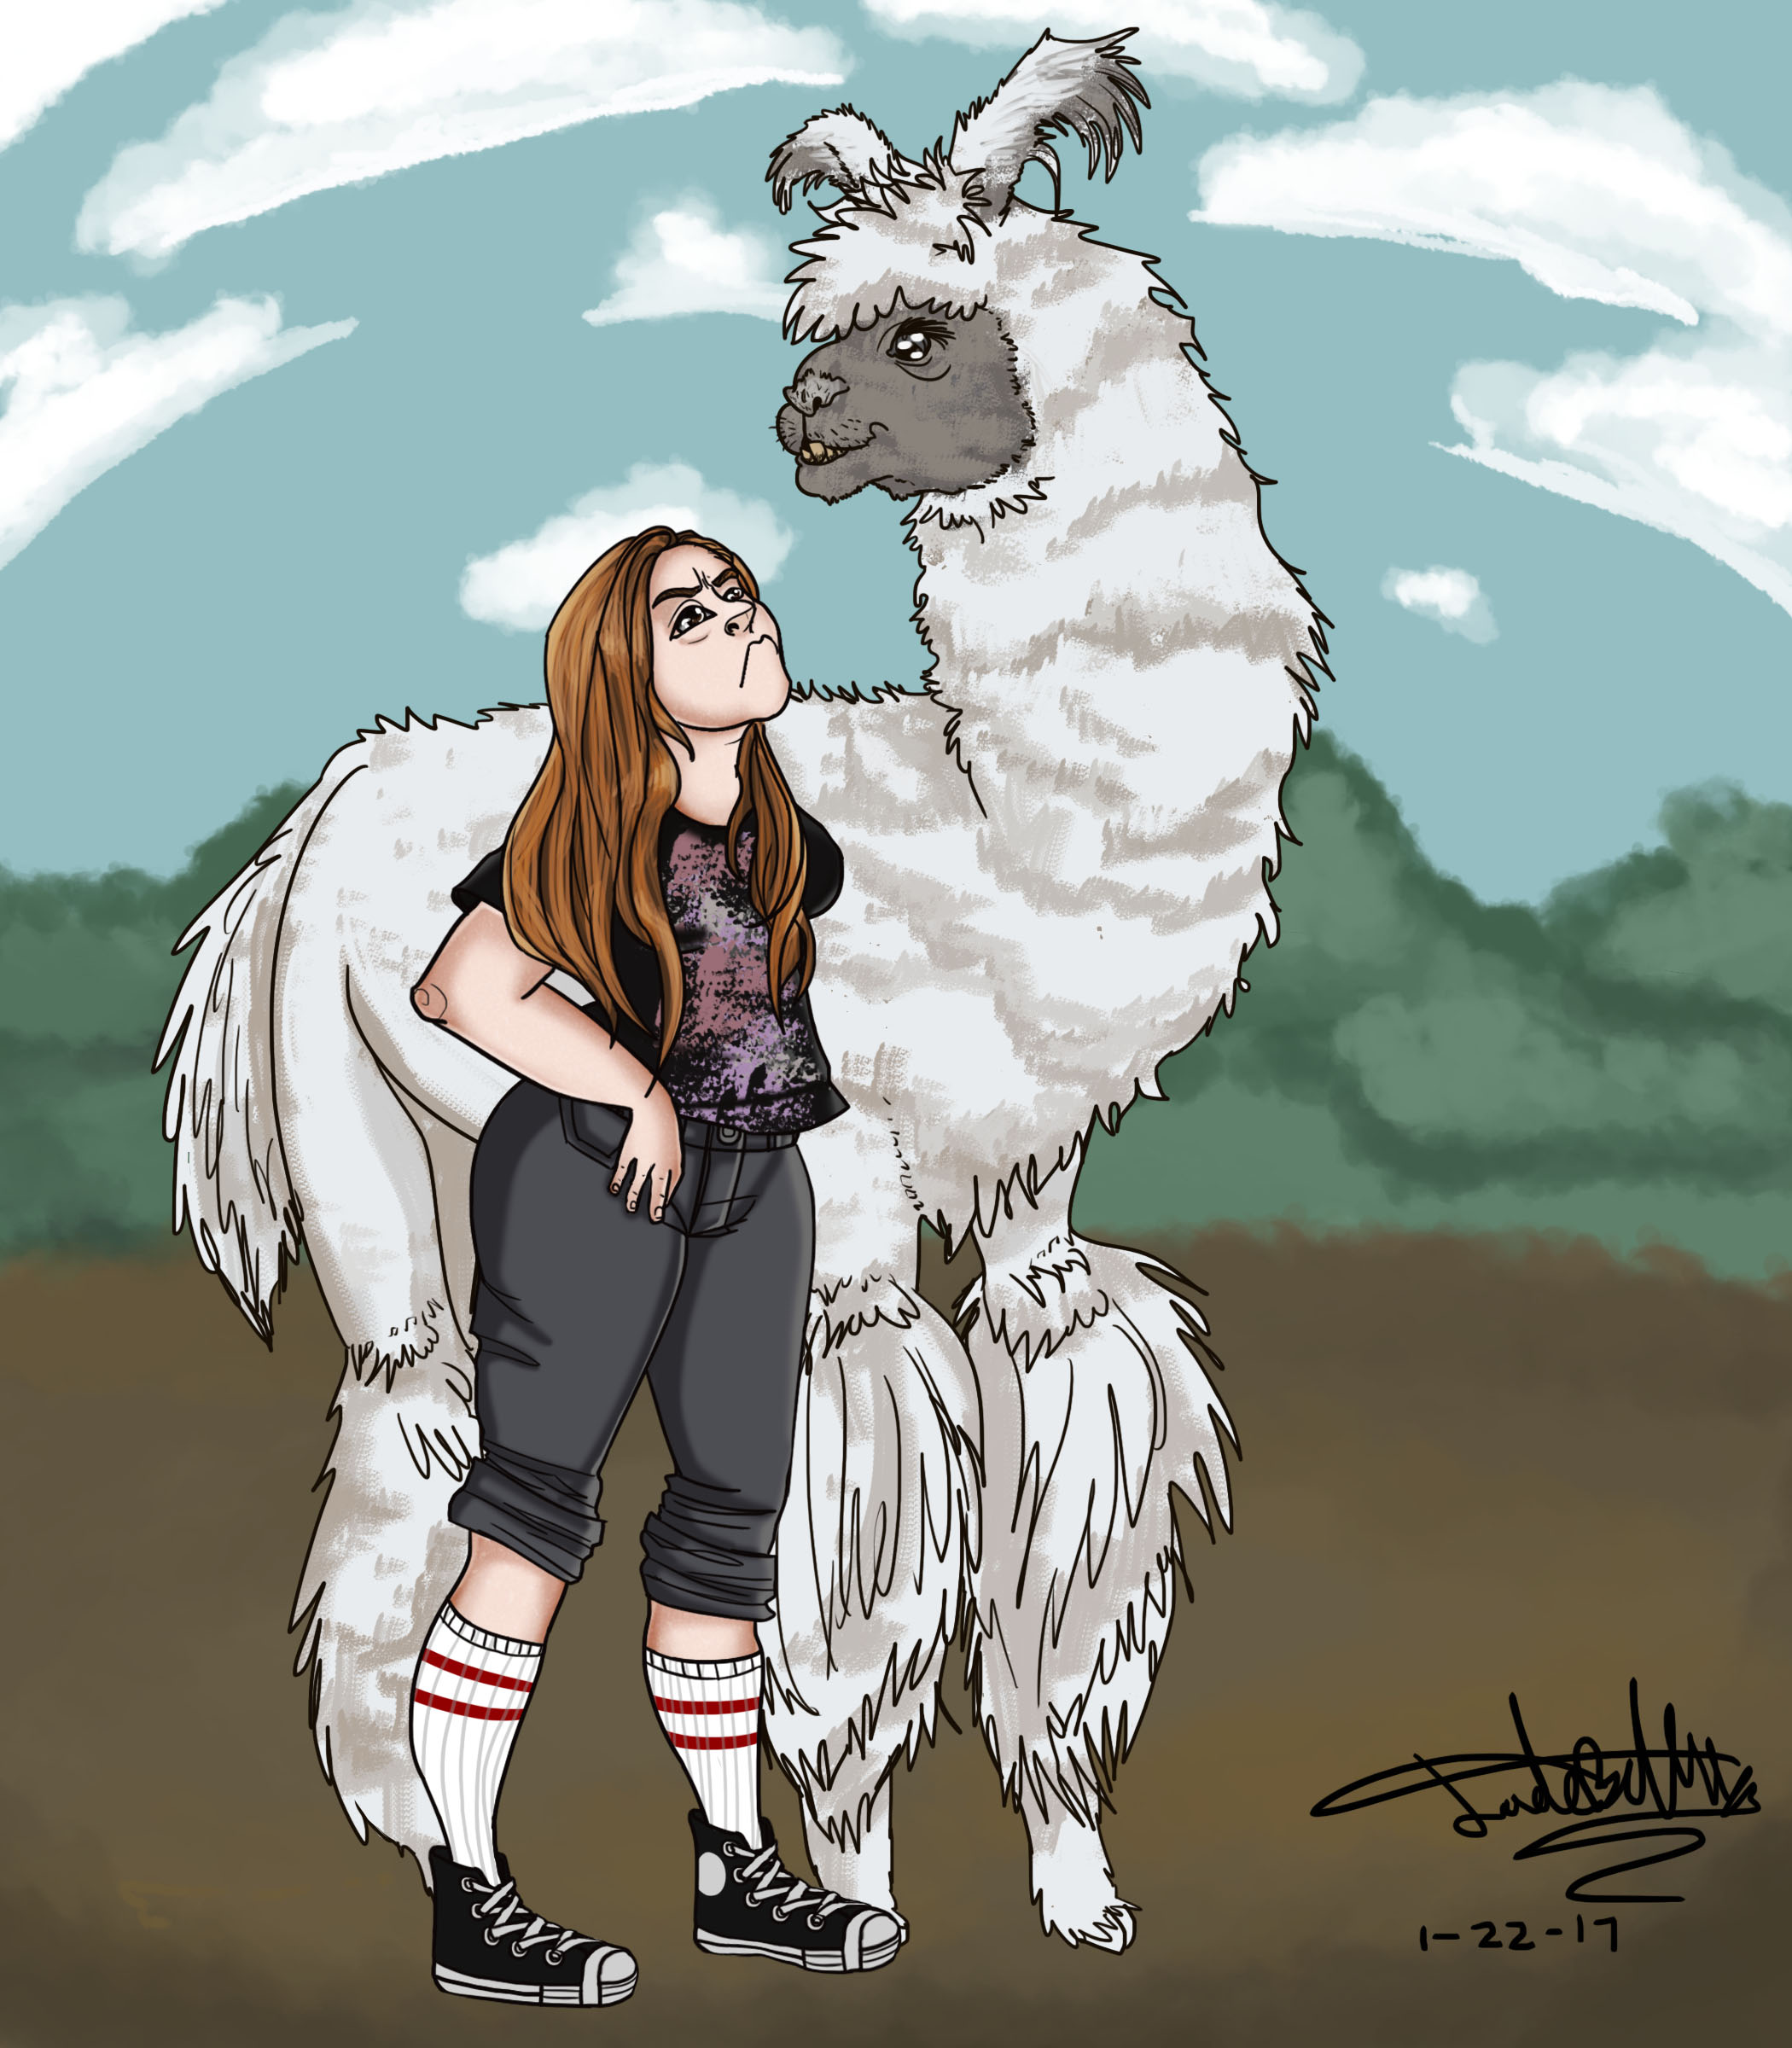 Me n Llama (Art trade with LegolaSS)